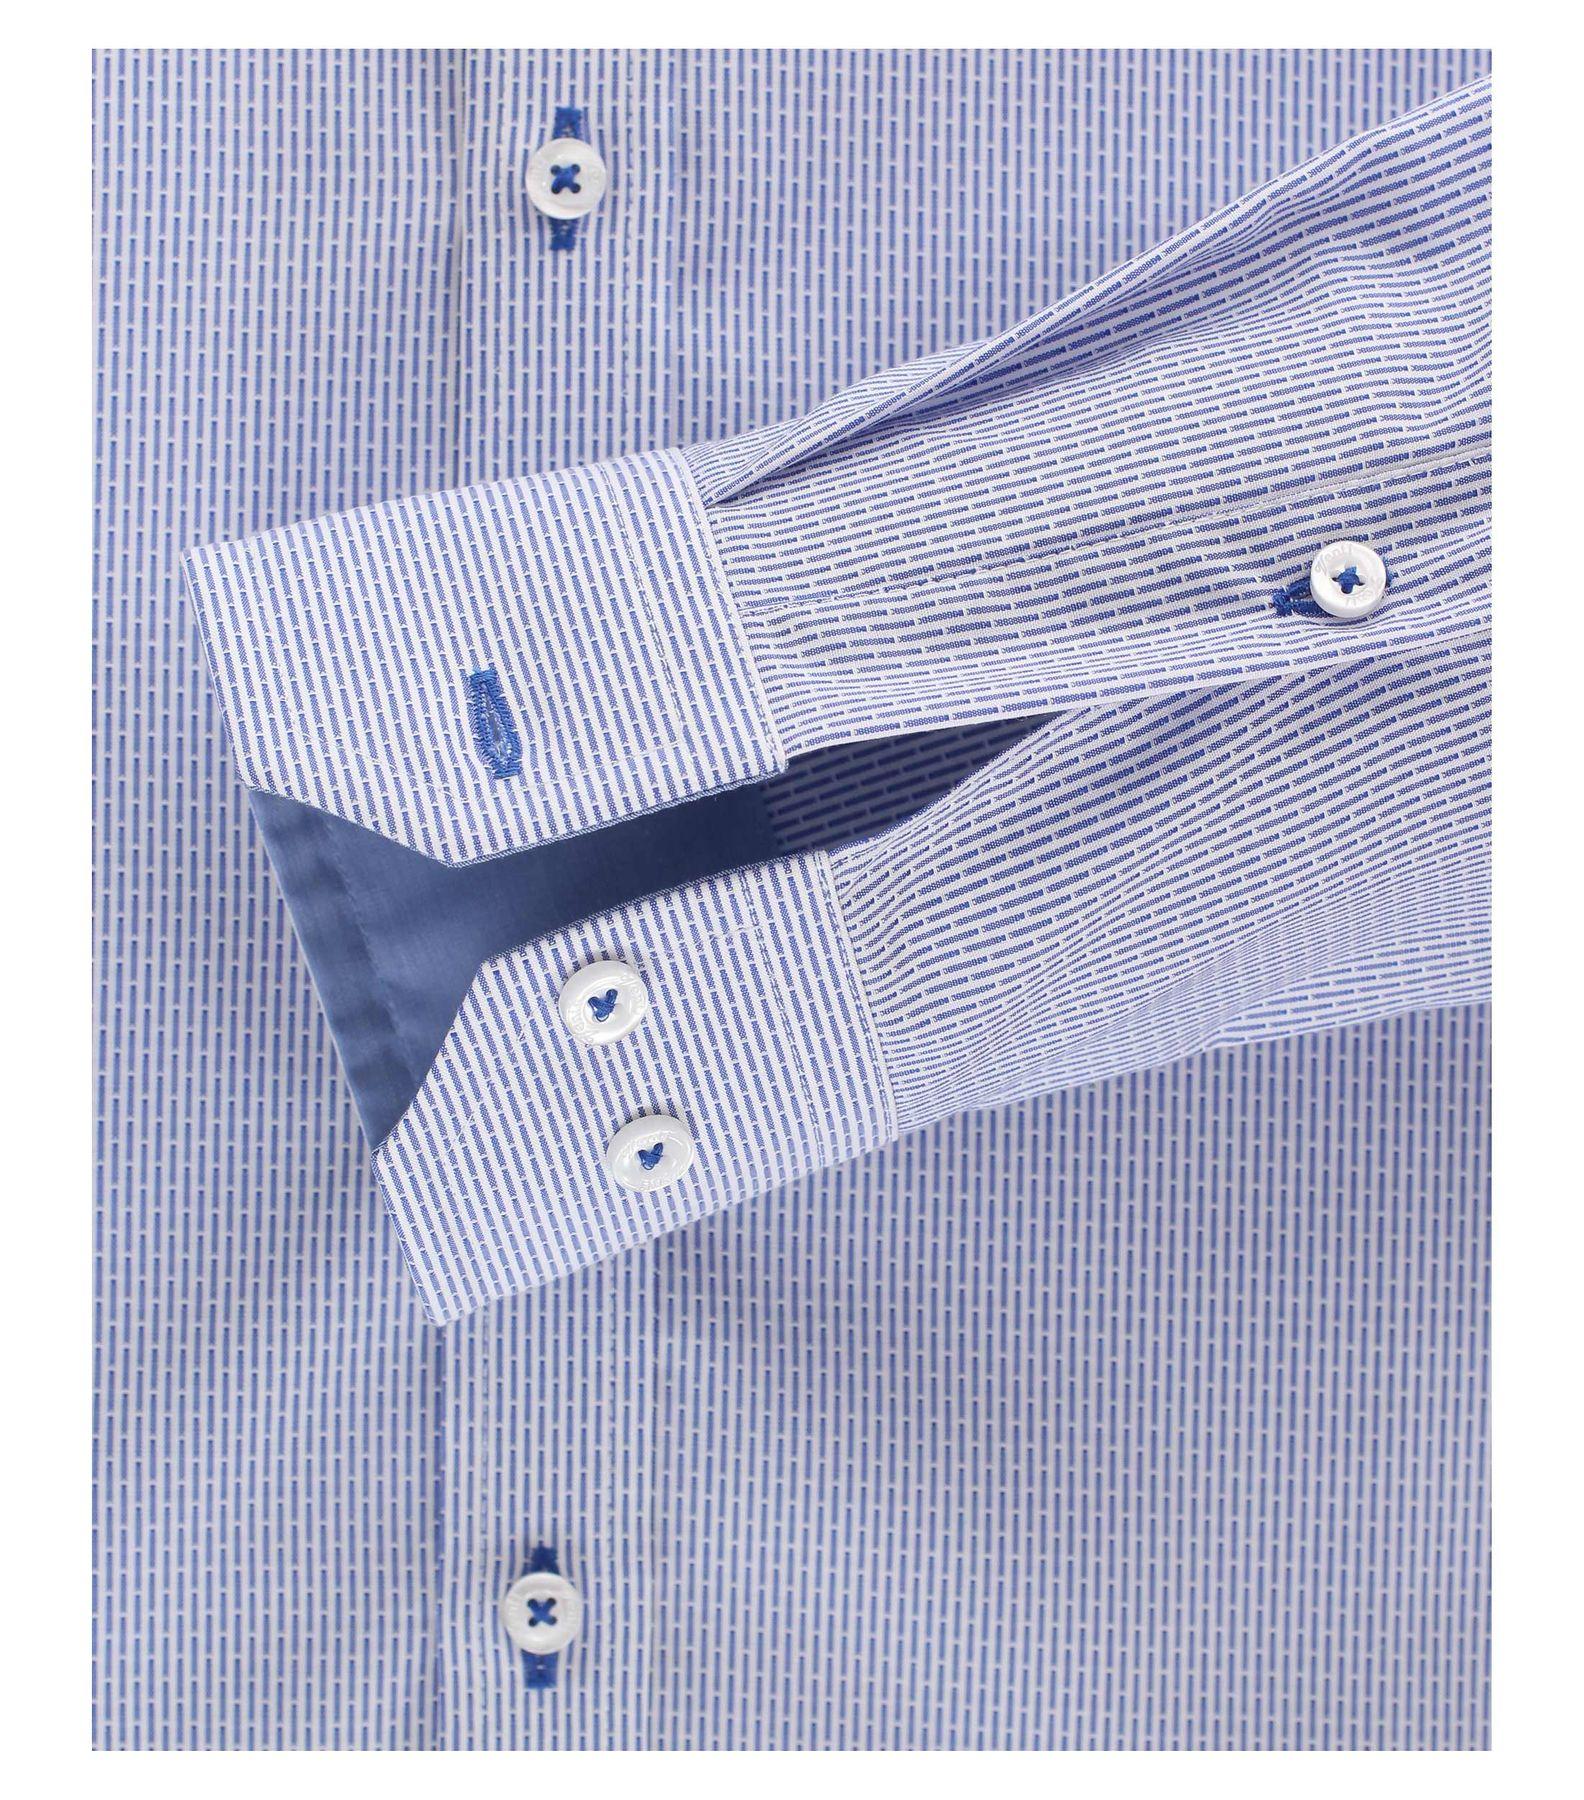 Venti - Body Fit - Herren Hemd aus 100% Baumwolle mit Hai Kragen in Blau (172678000) – Bild 8